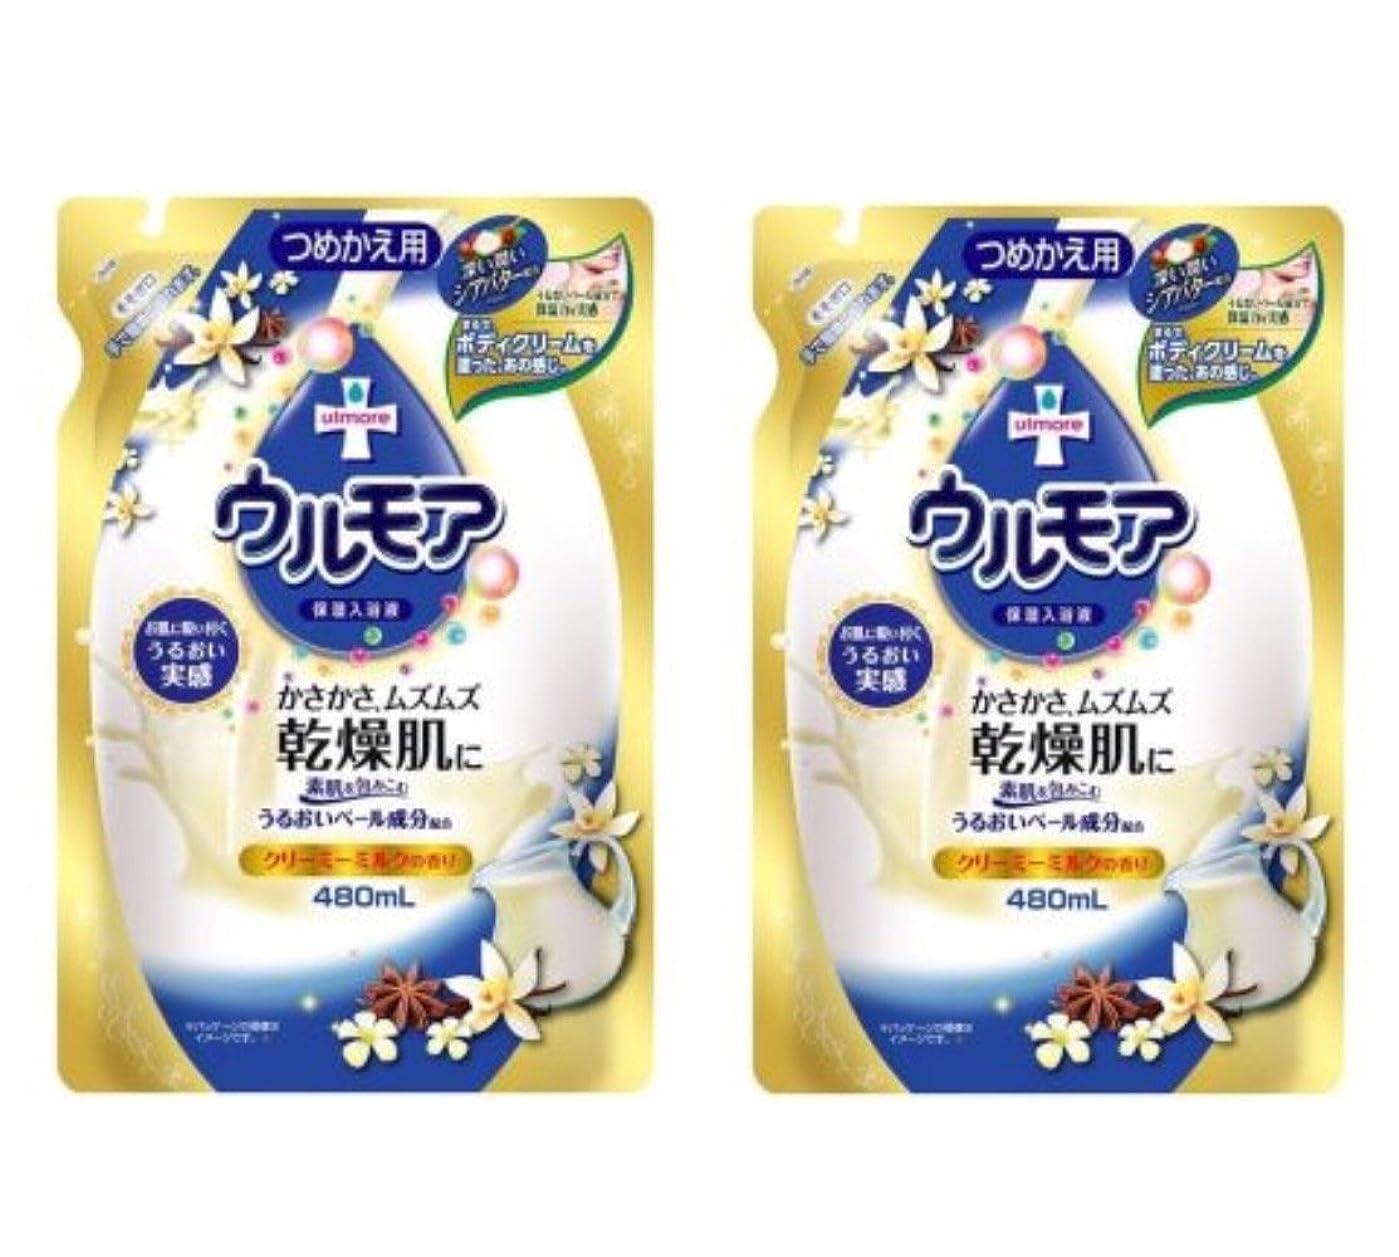 美的定義する習慣アース製薬 保湿入浴液 ウルモア クリーミーミルク詰替 480ml×2個セット